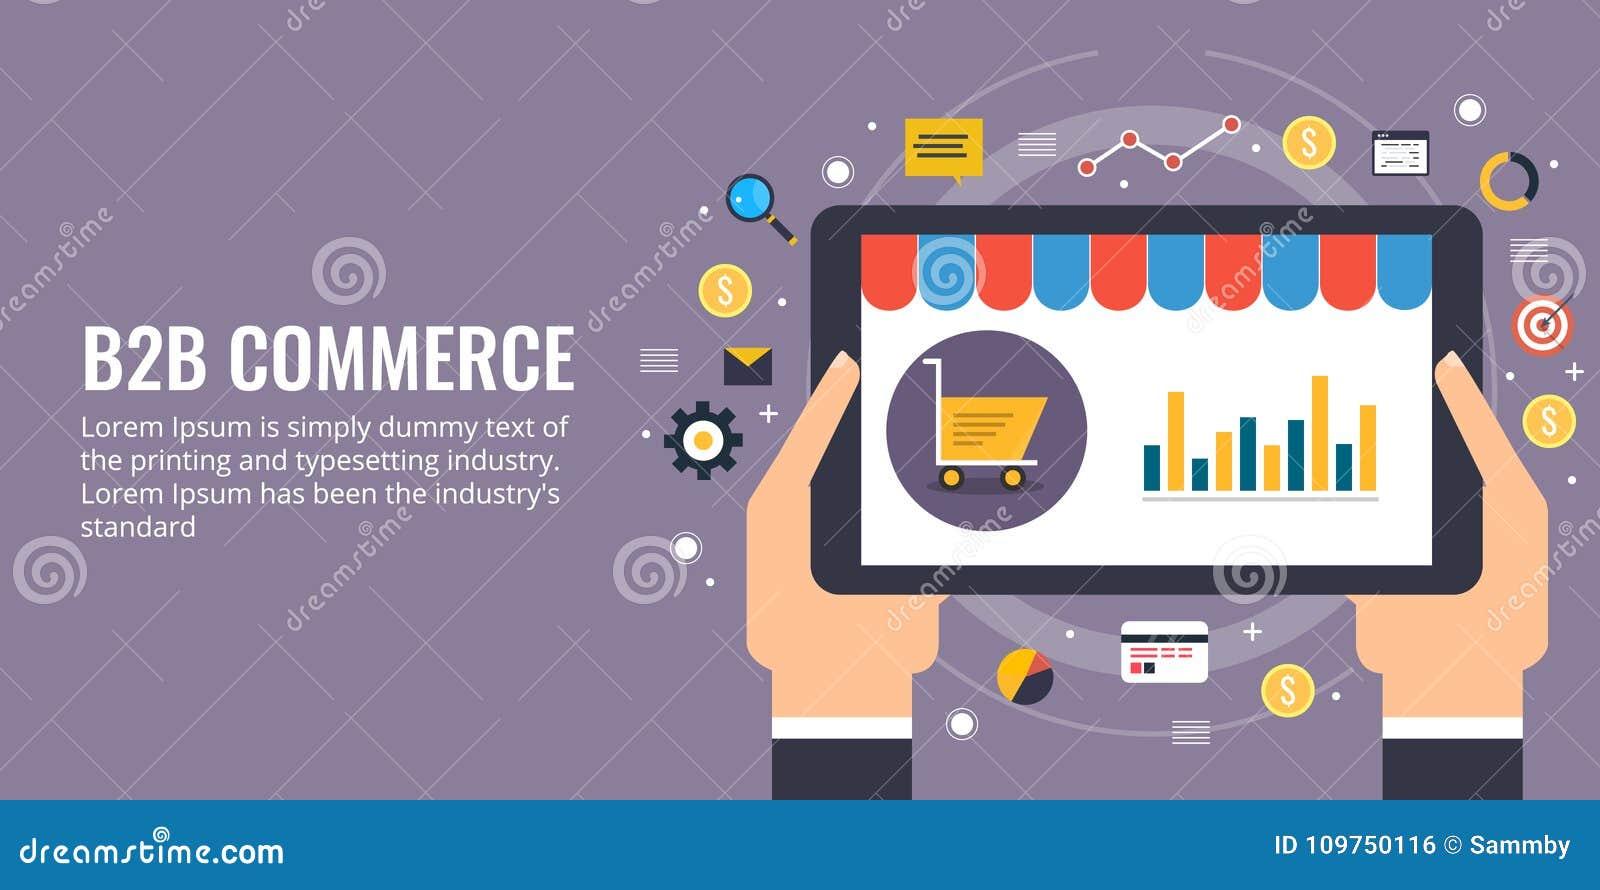 Zaken aan zaken, b2b, elektronische handel, websiteontwikkeling en marketing concept Vlakke ontwerp vector marketing banner